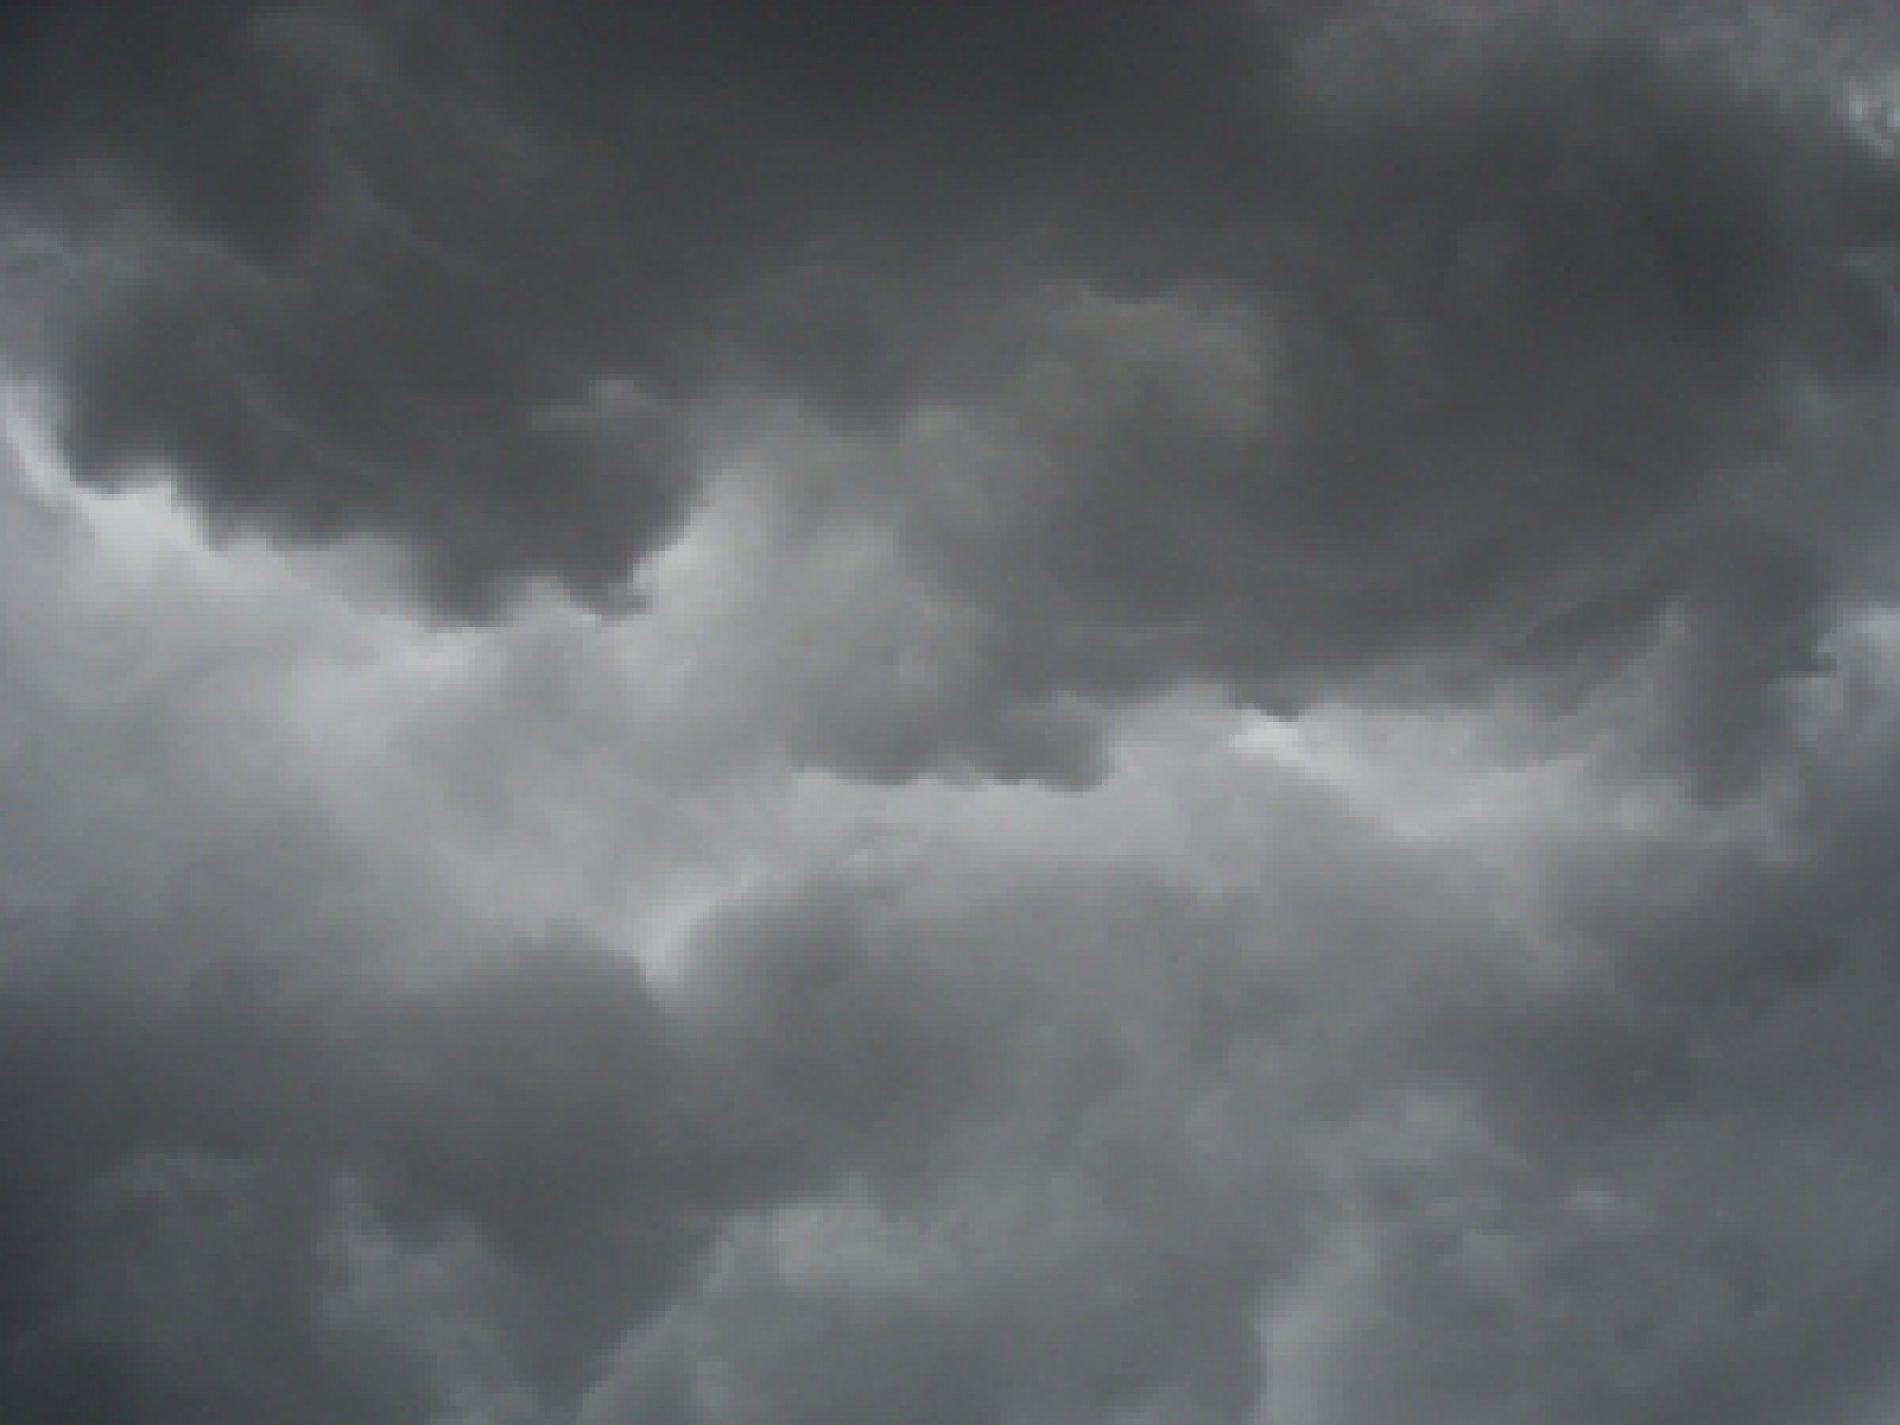 Energetycy wciąż usuwają awarie po sobotnich burzach, które przeszły nad regionem